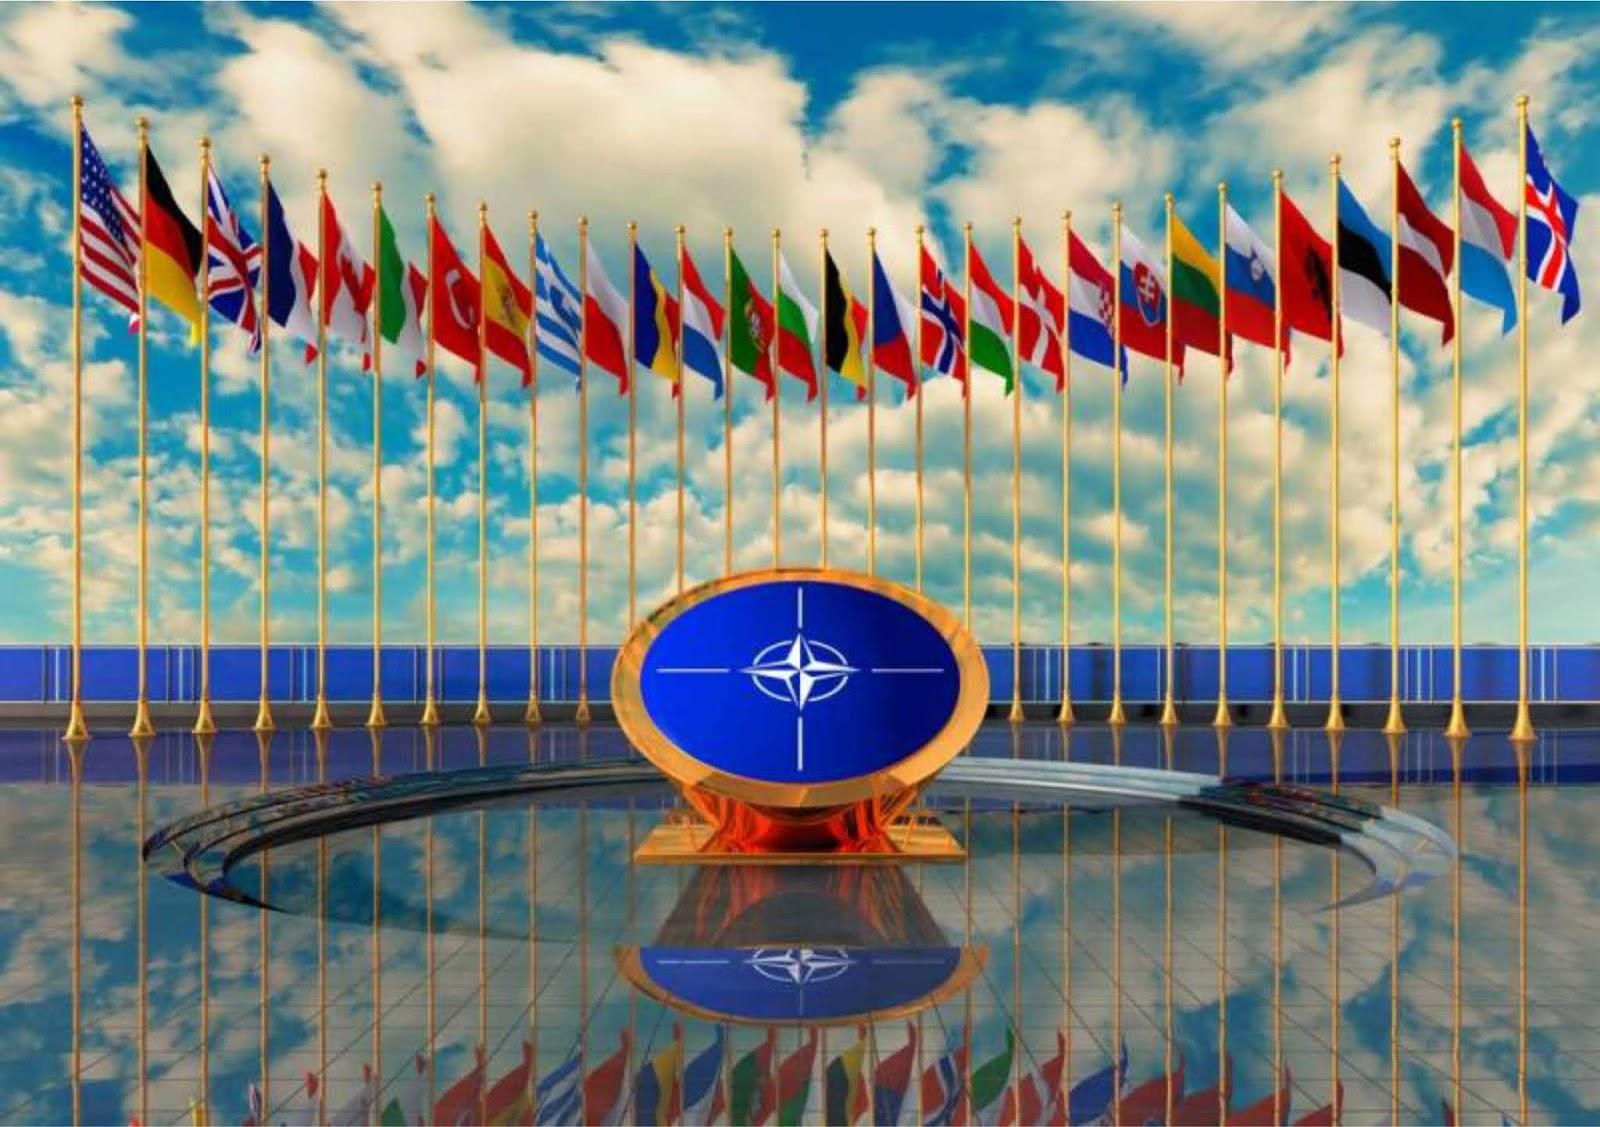 Untuk pertama kalinya, NATO akan membahas rencana pertahanan terkait dengan penghentian Perjanjian INF